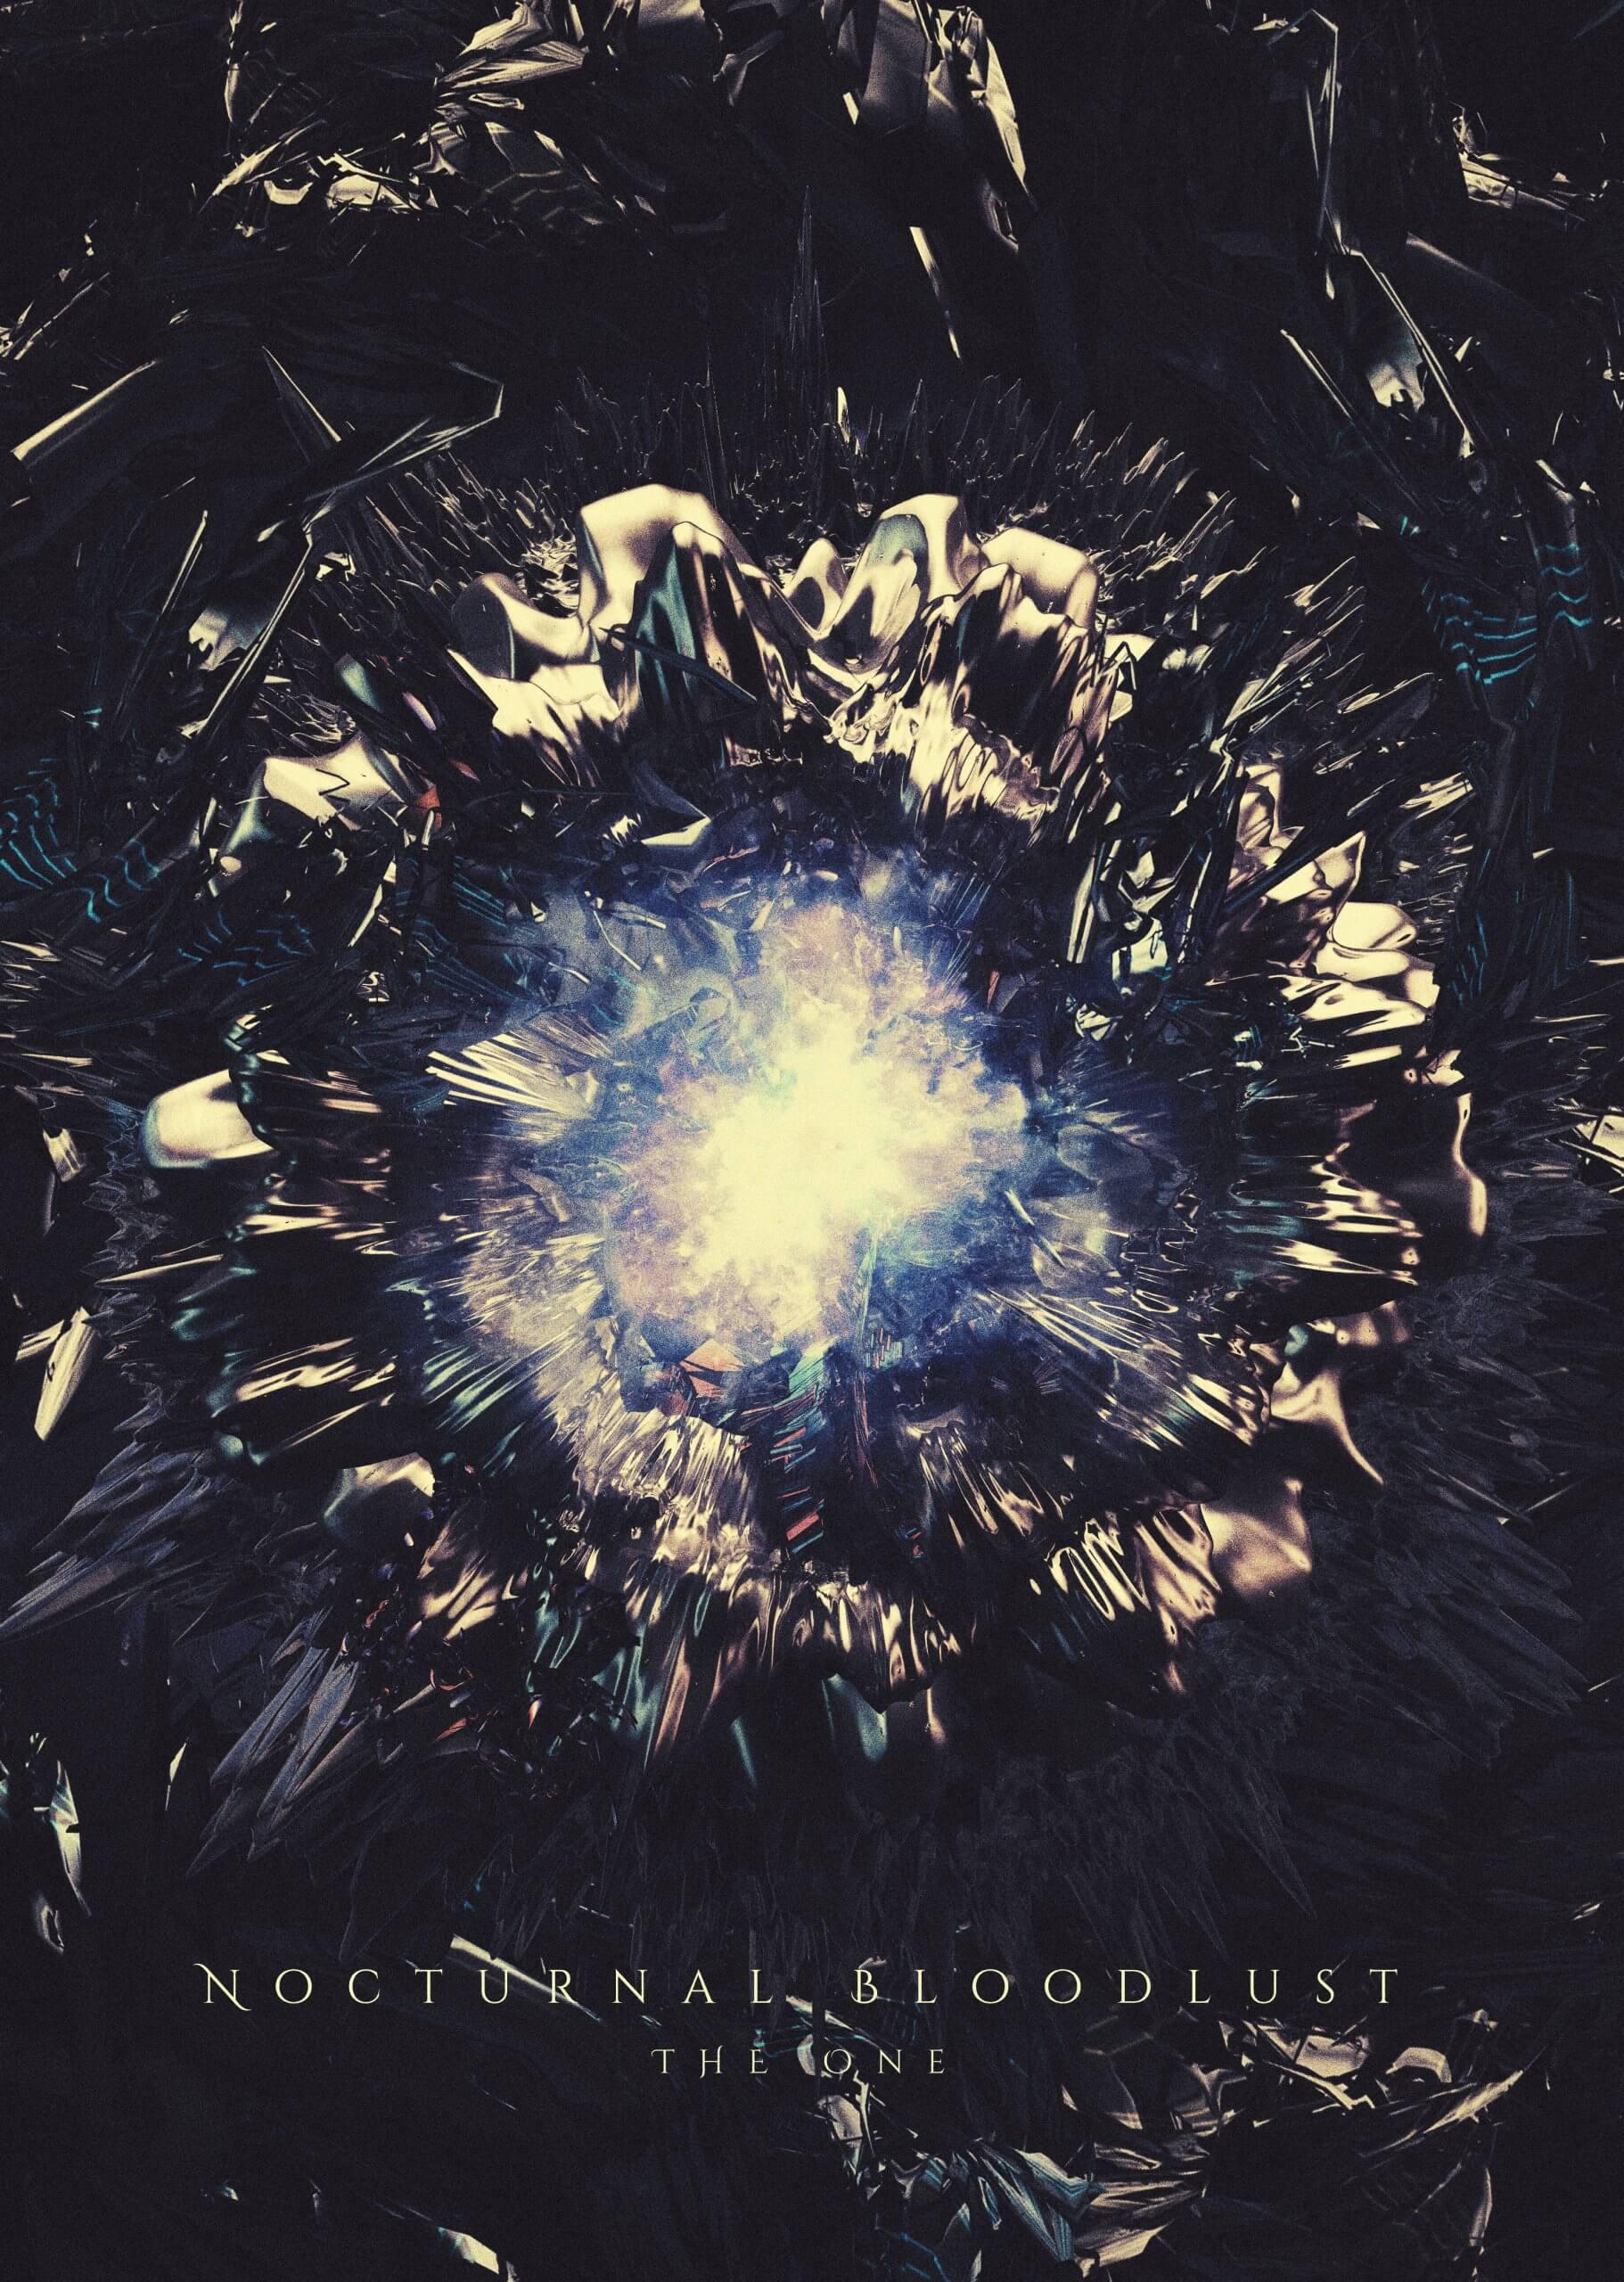 9/1(水)発売 NOCTURNAL BLOODLUST【anysee.jp限定特典:直筆サイン入りB2ポスター付き 】『THE ONE(初回限定盤)』